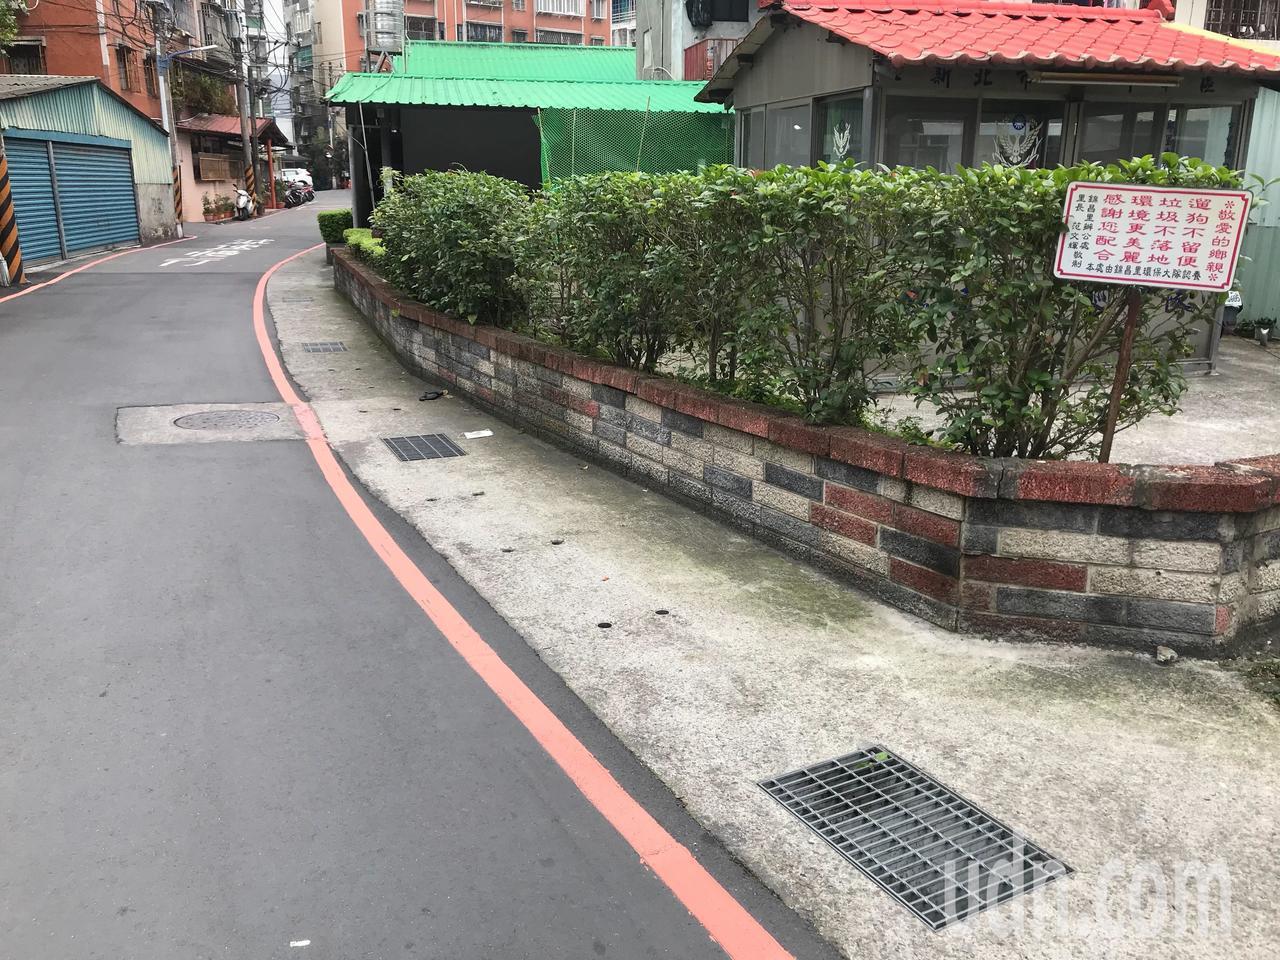 新北地院指出行政機關依法必須將紅線設置在距離路面邊緣30公分上。記者袁志豪/攝影